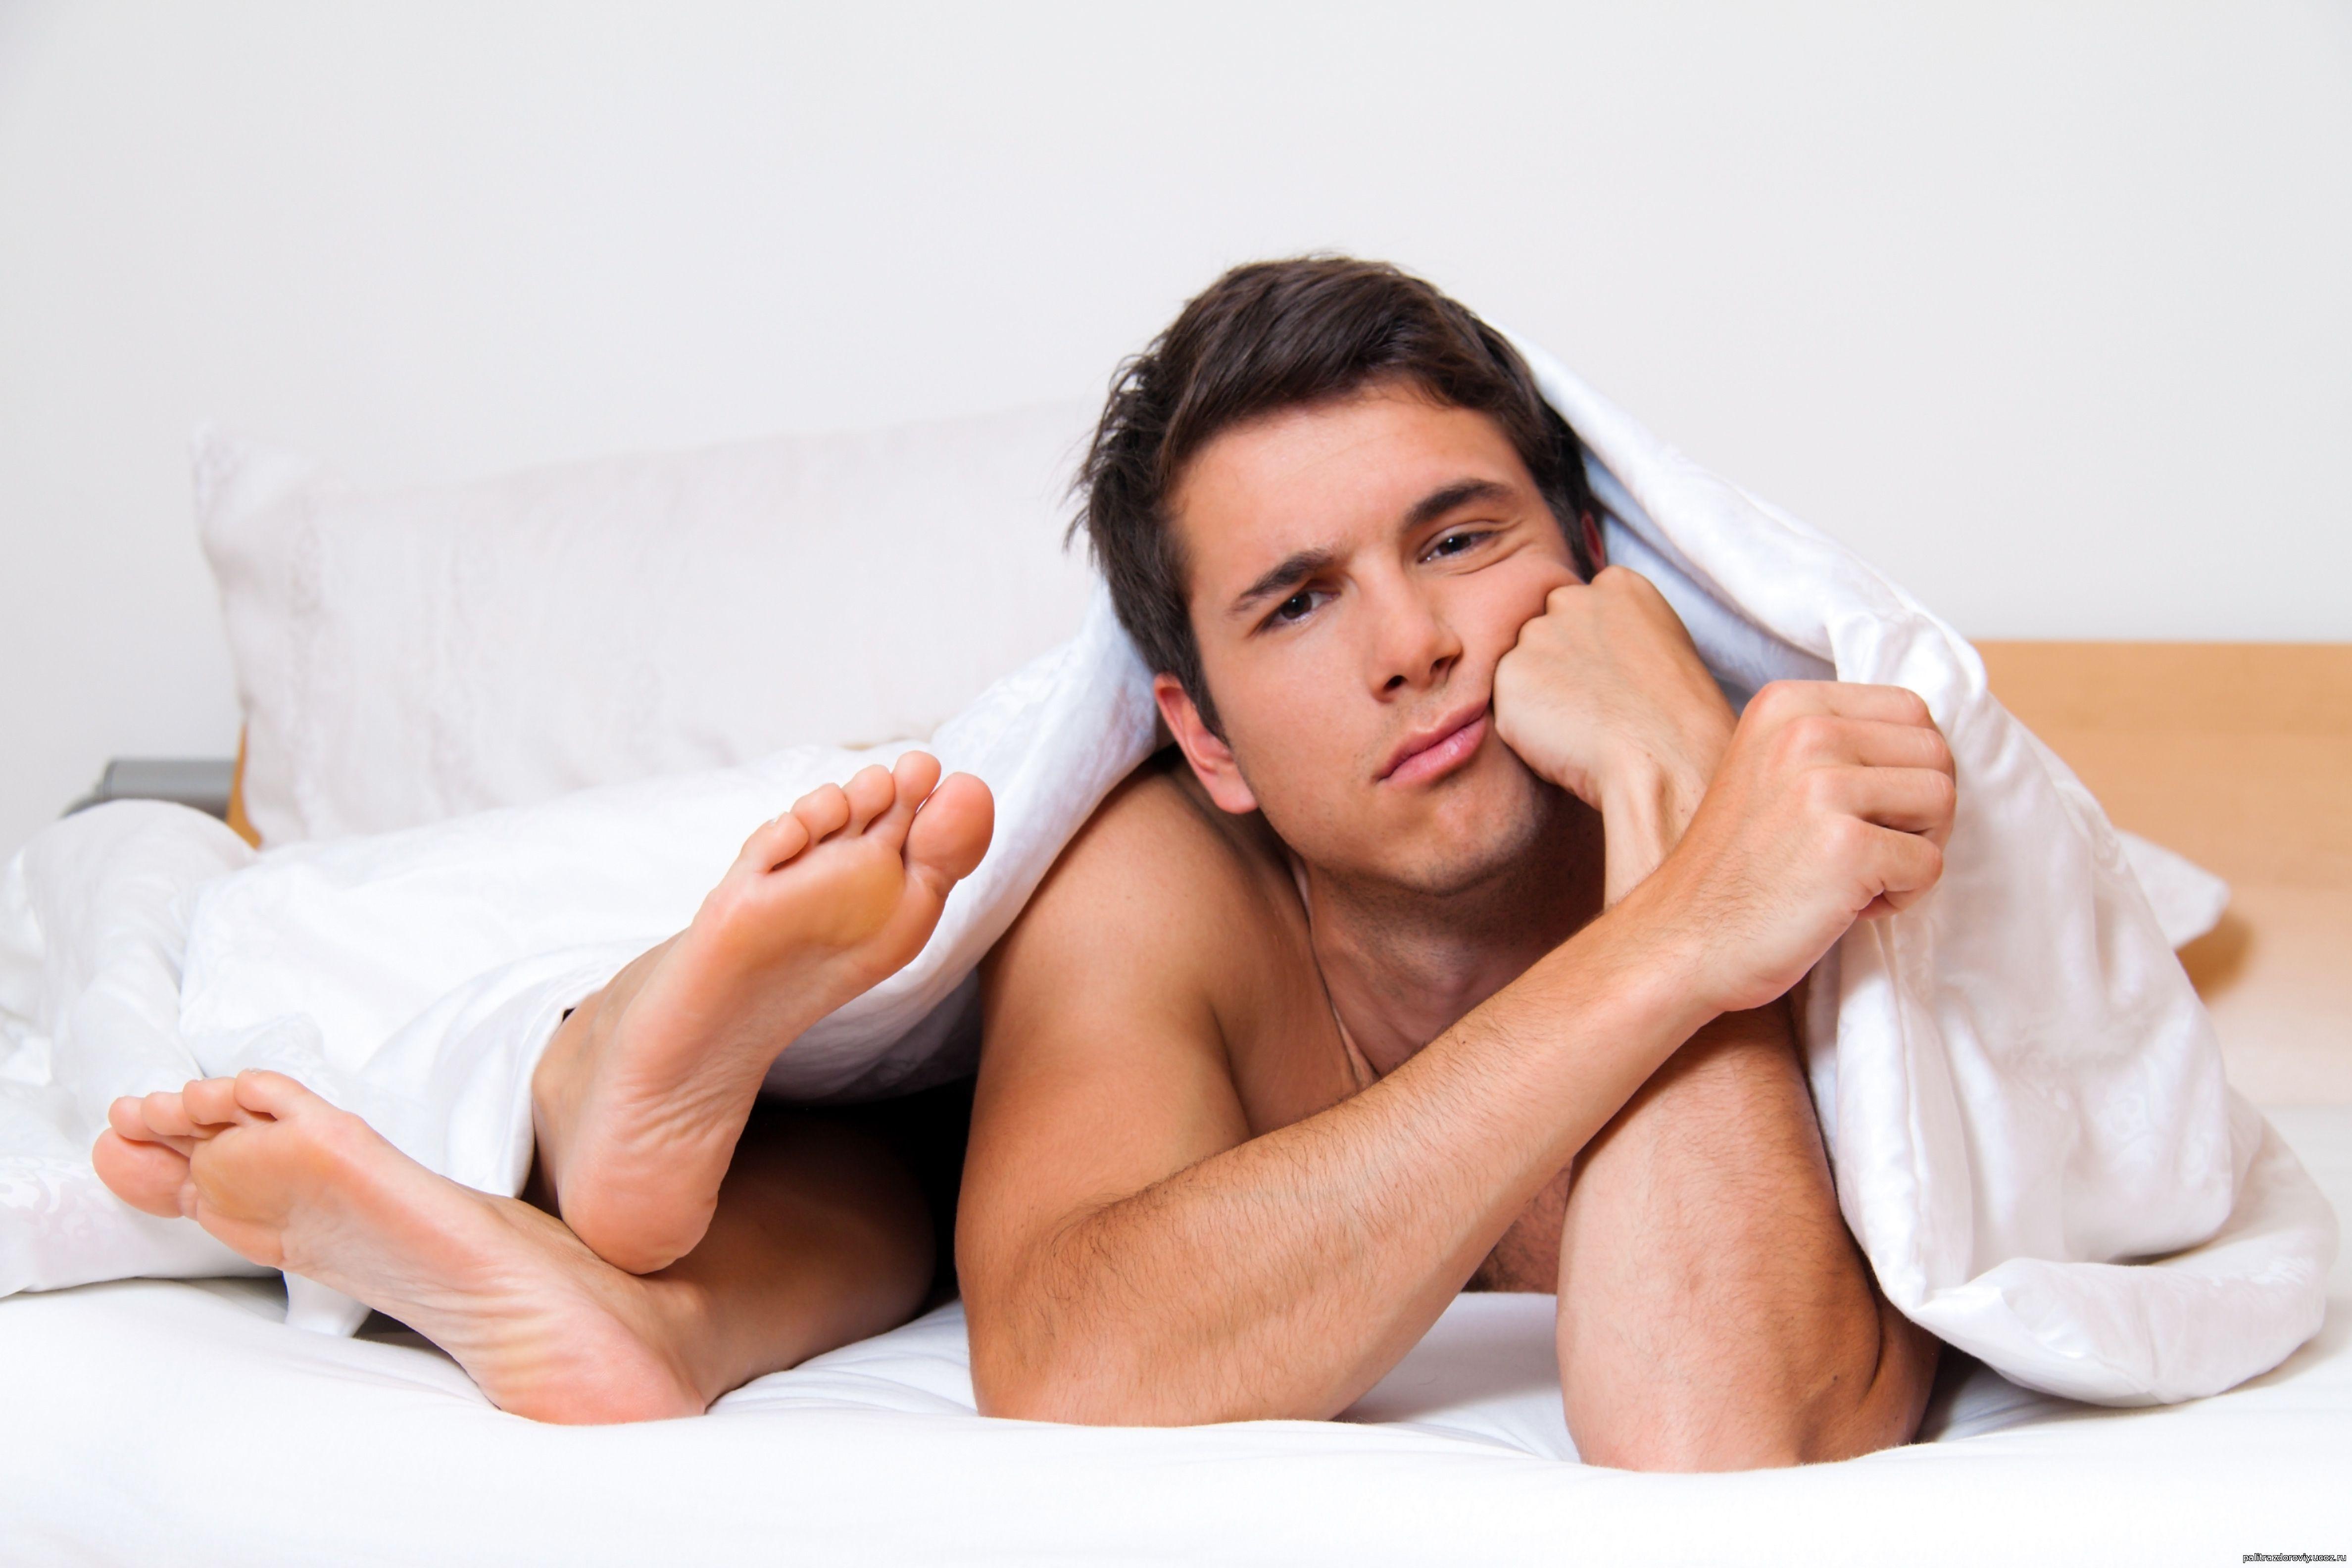 Как узнать мужчине что женщина имитирует оргазм